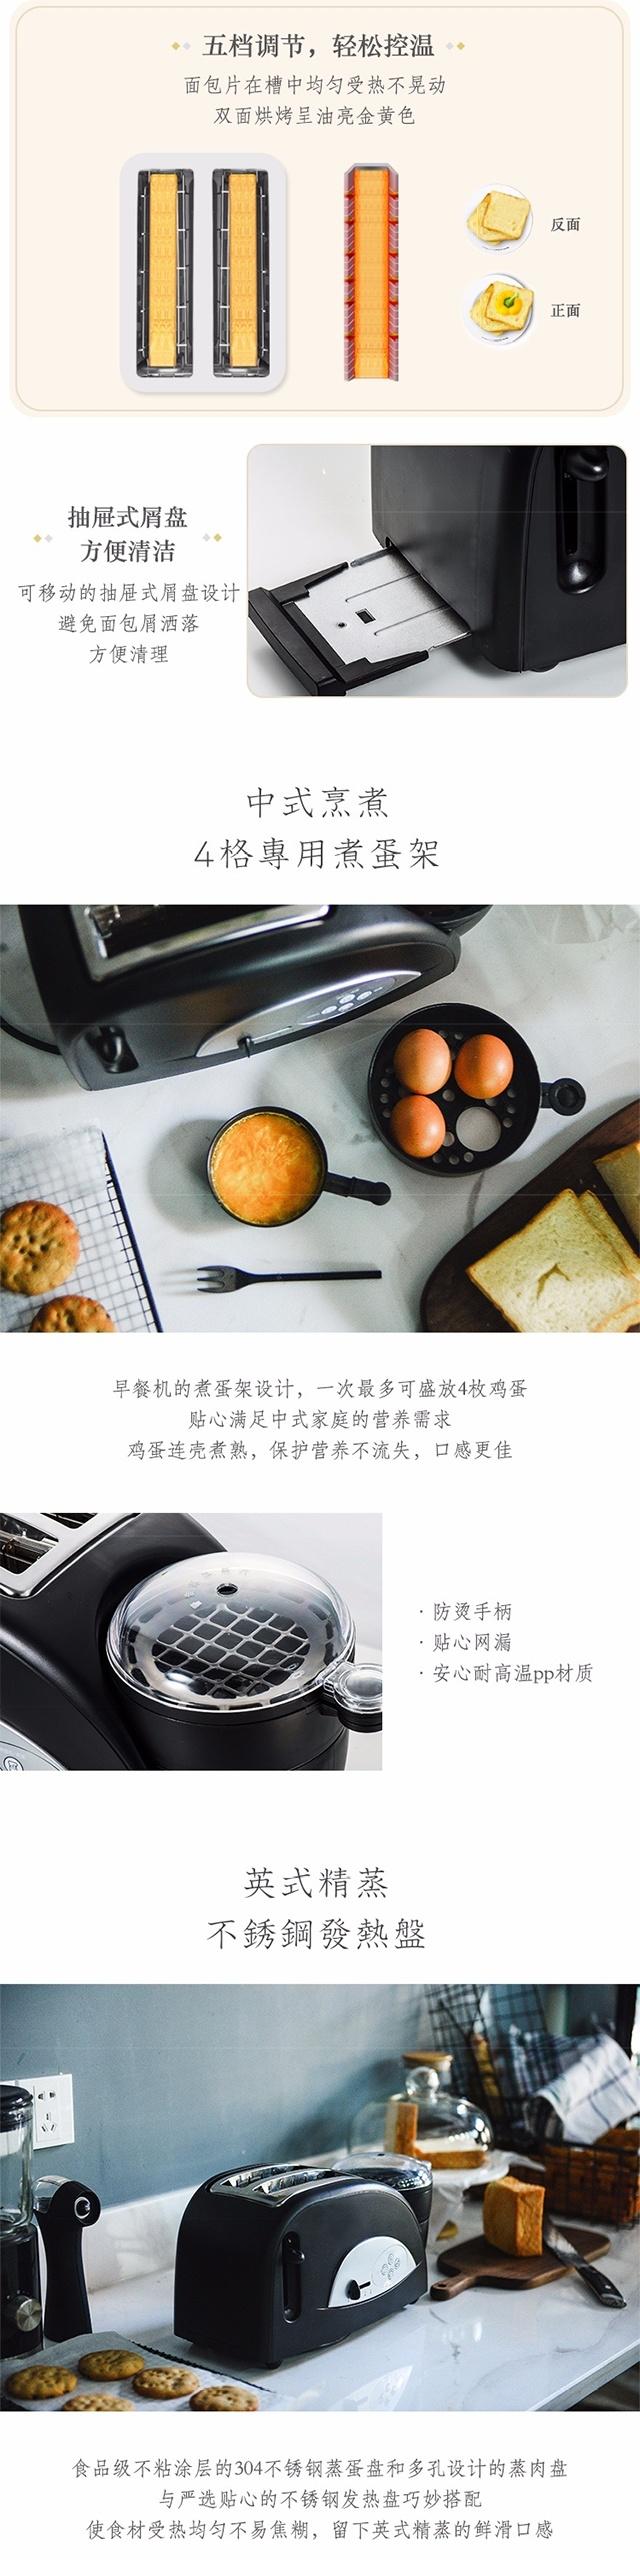 网易严选allinone早餐机